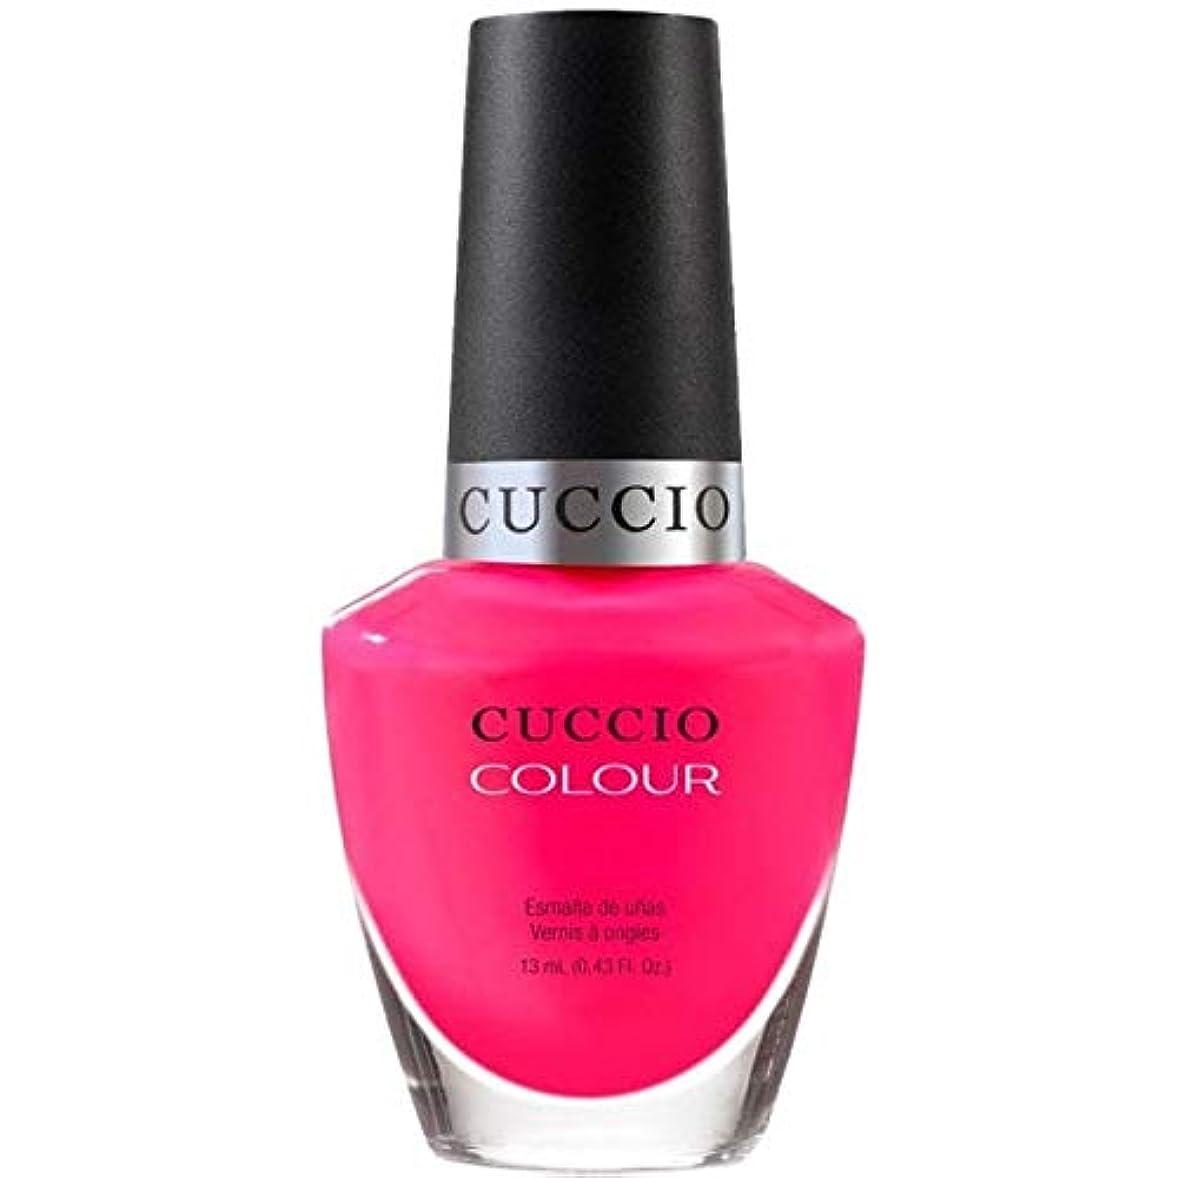 タッチヘッジブッシュCuccio Colour Gloss Lacquer - Double Bubble Trouble - 0.43oz / 13ml